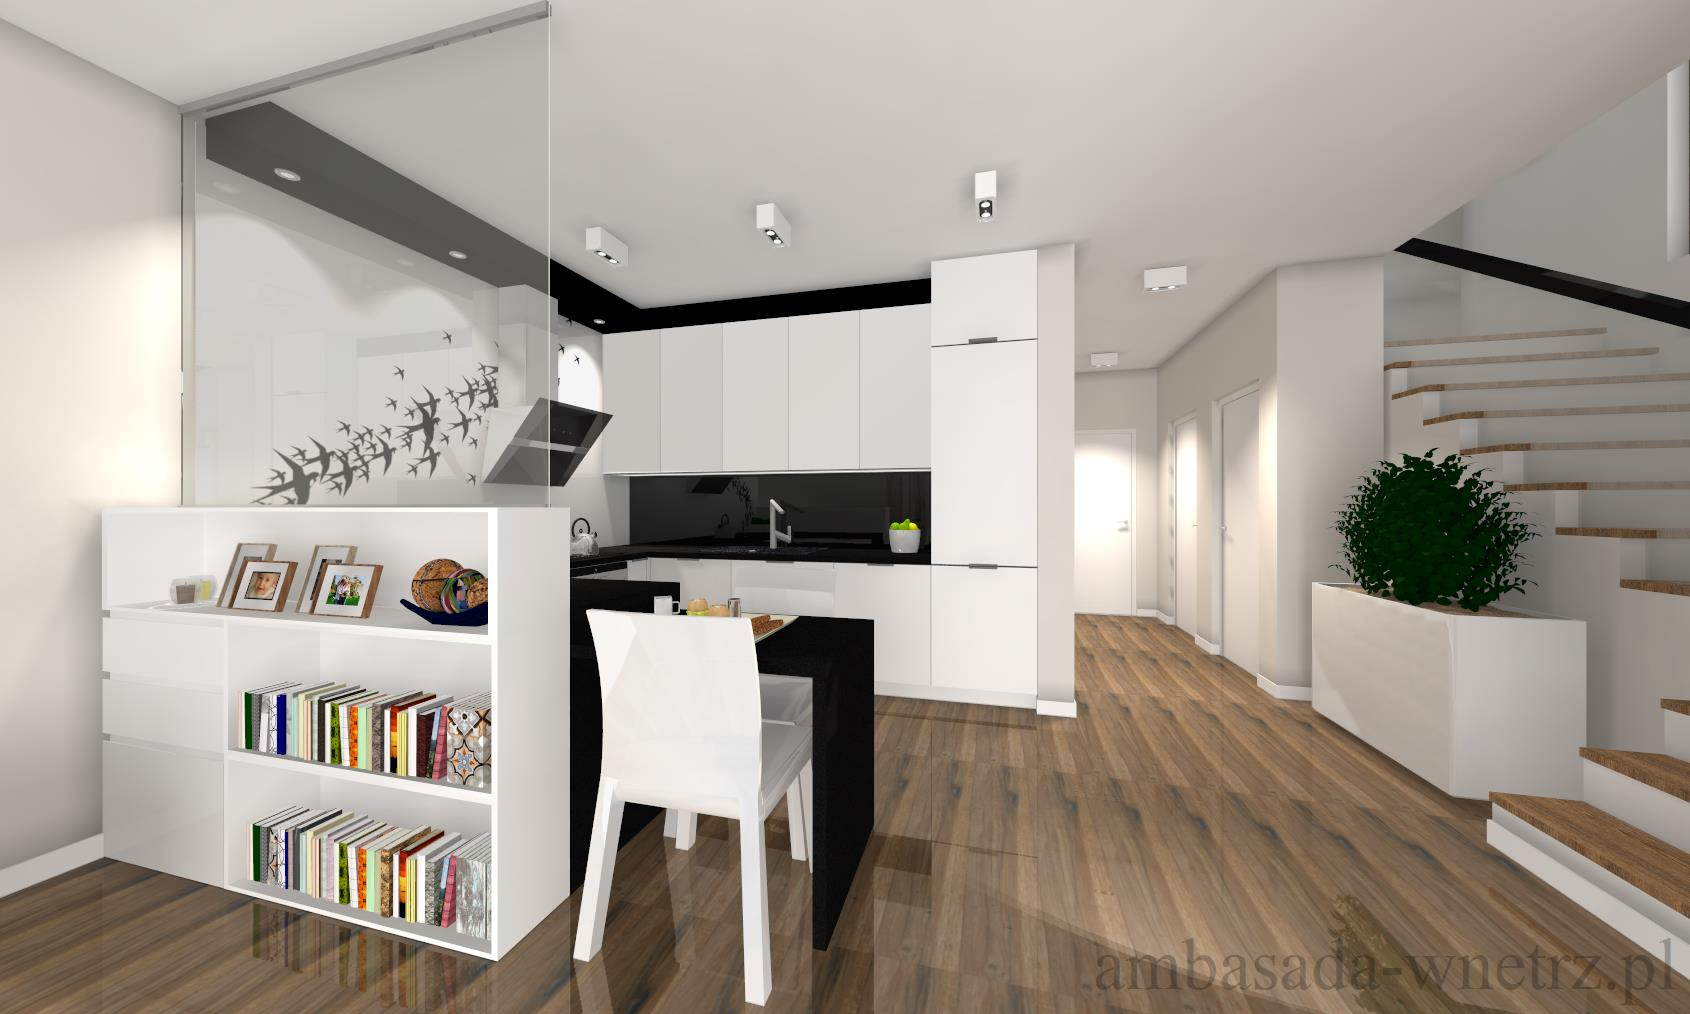 Dom z jaskółką Projektowanie wnętrz Podlaskie